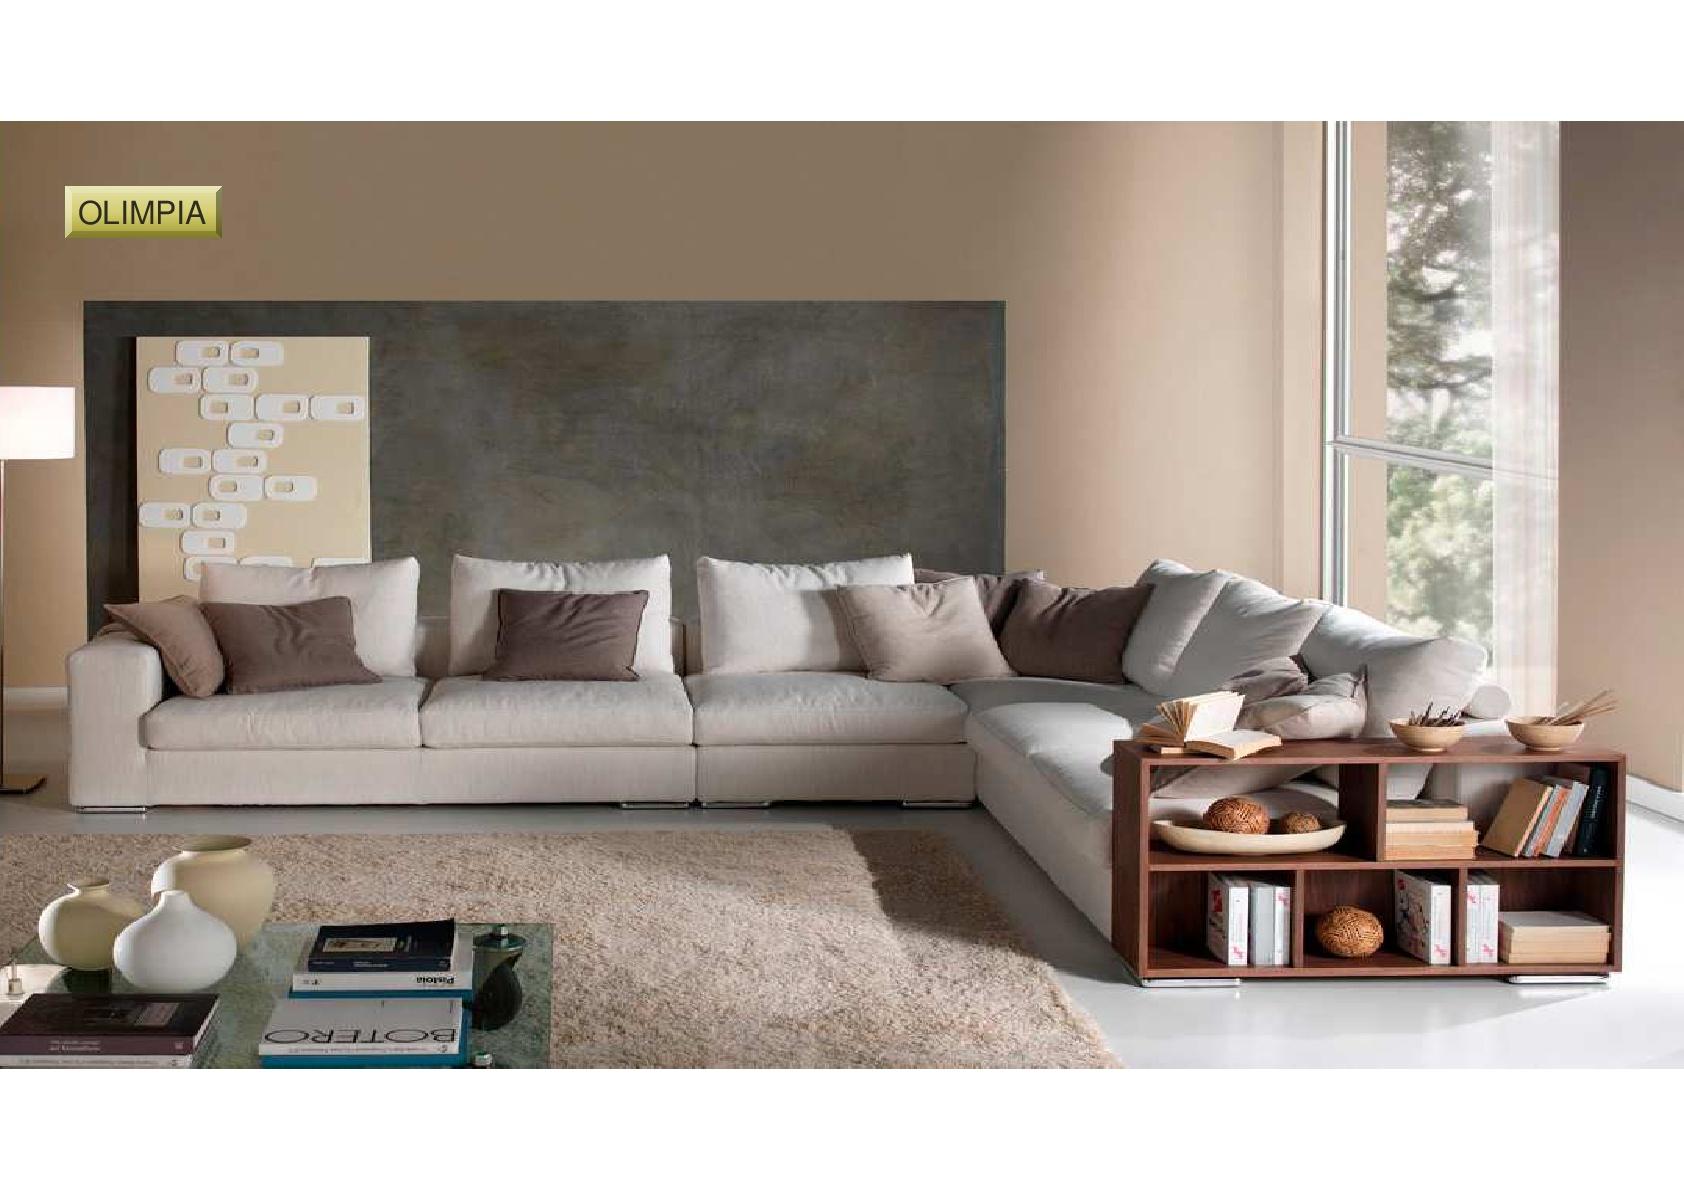 GM Service | Arredamento ed accessori per soggiorno